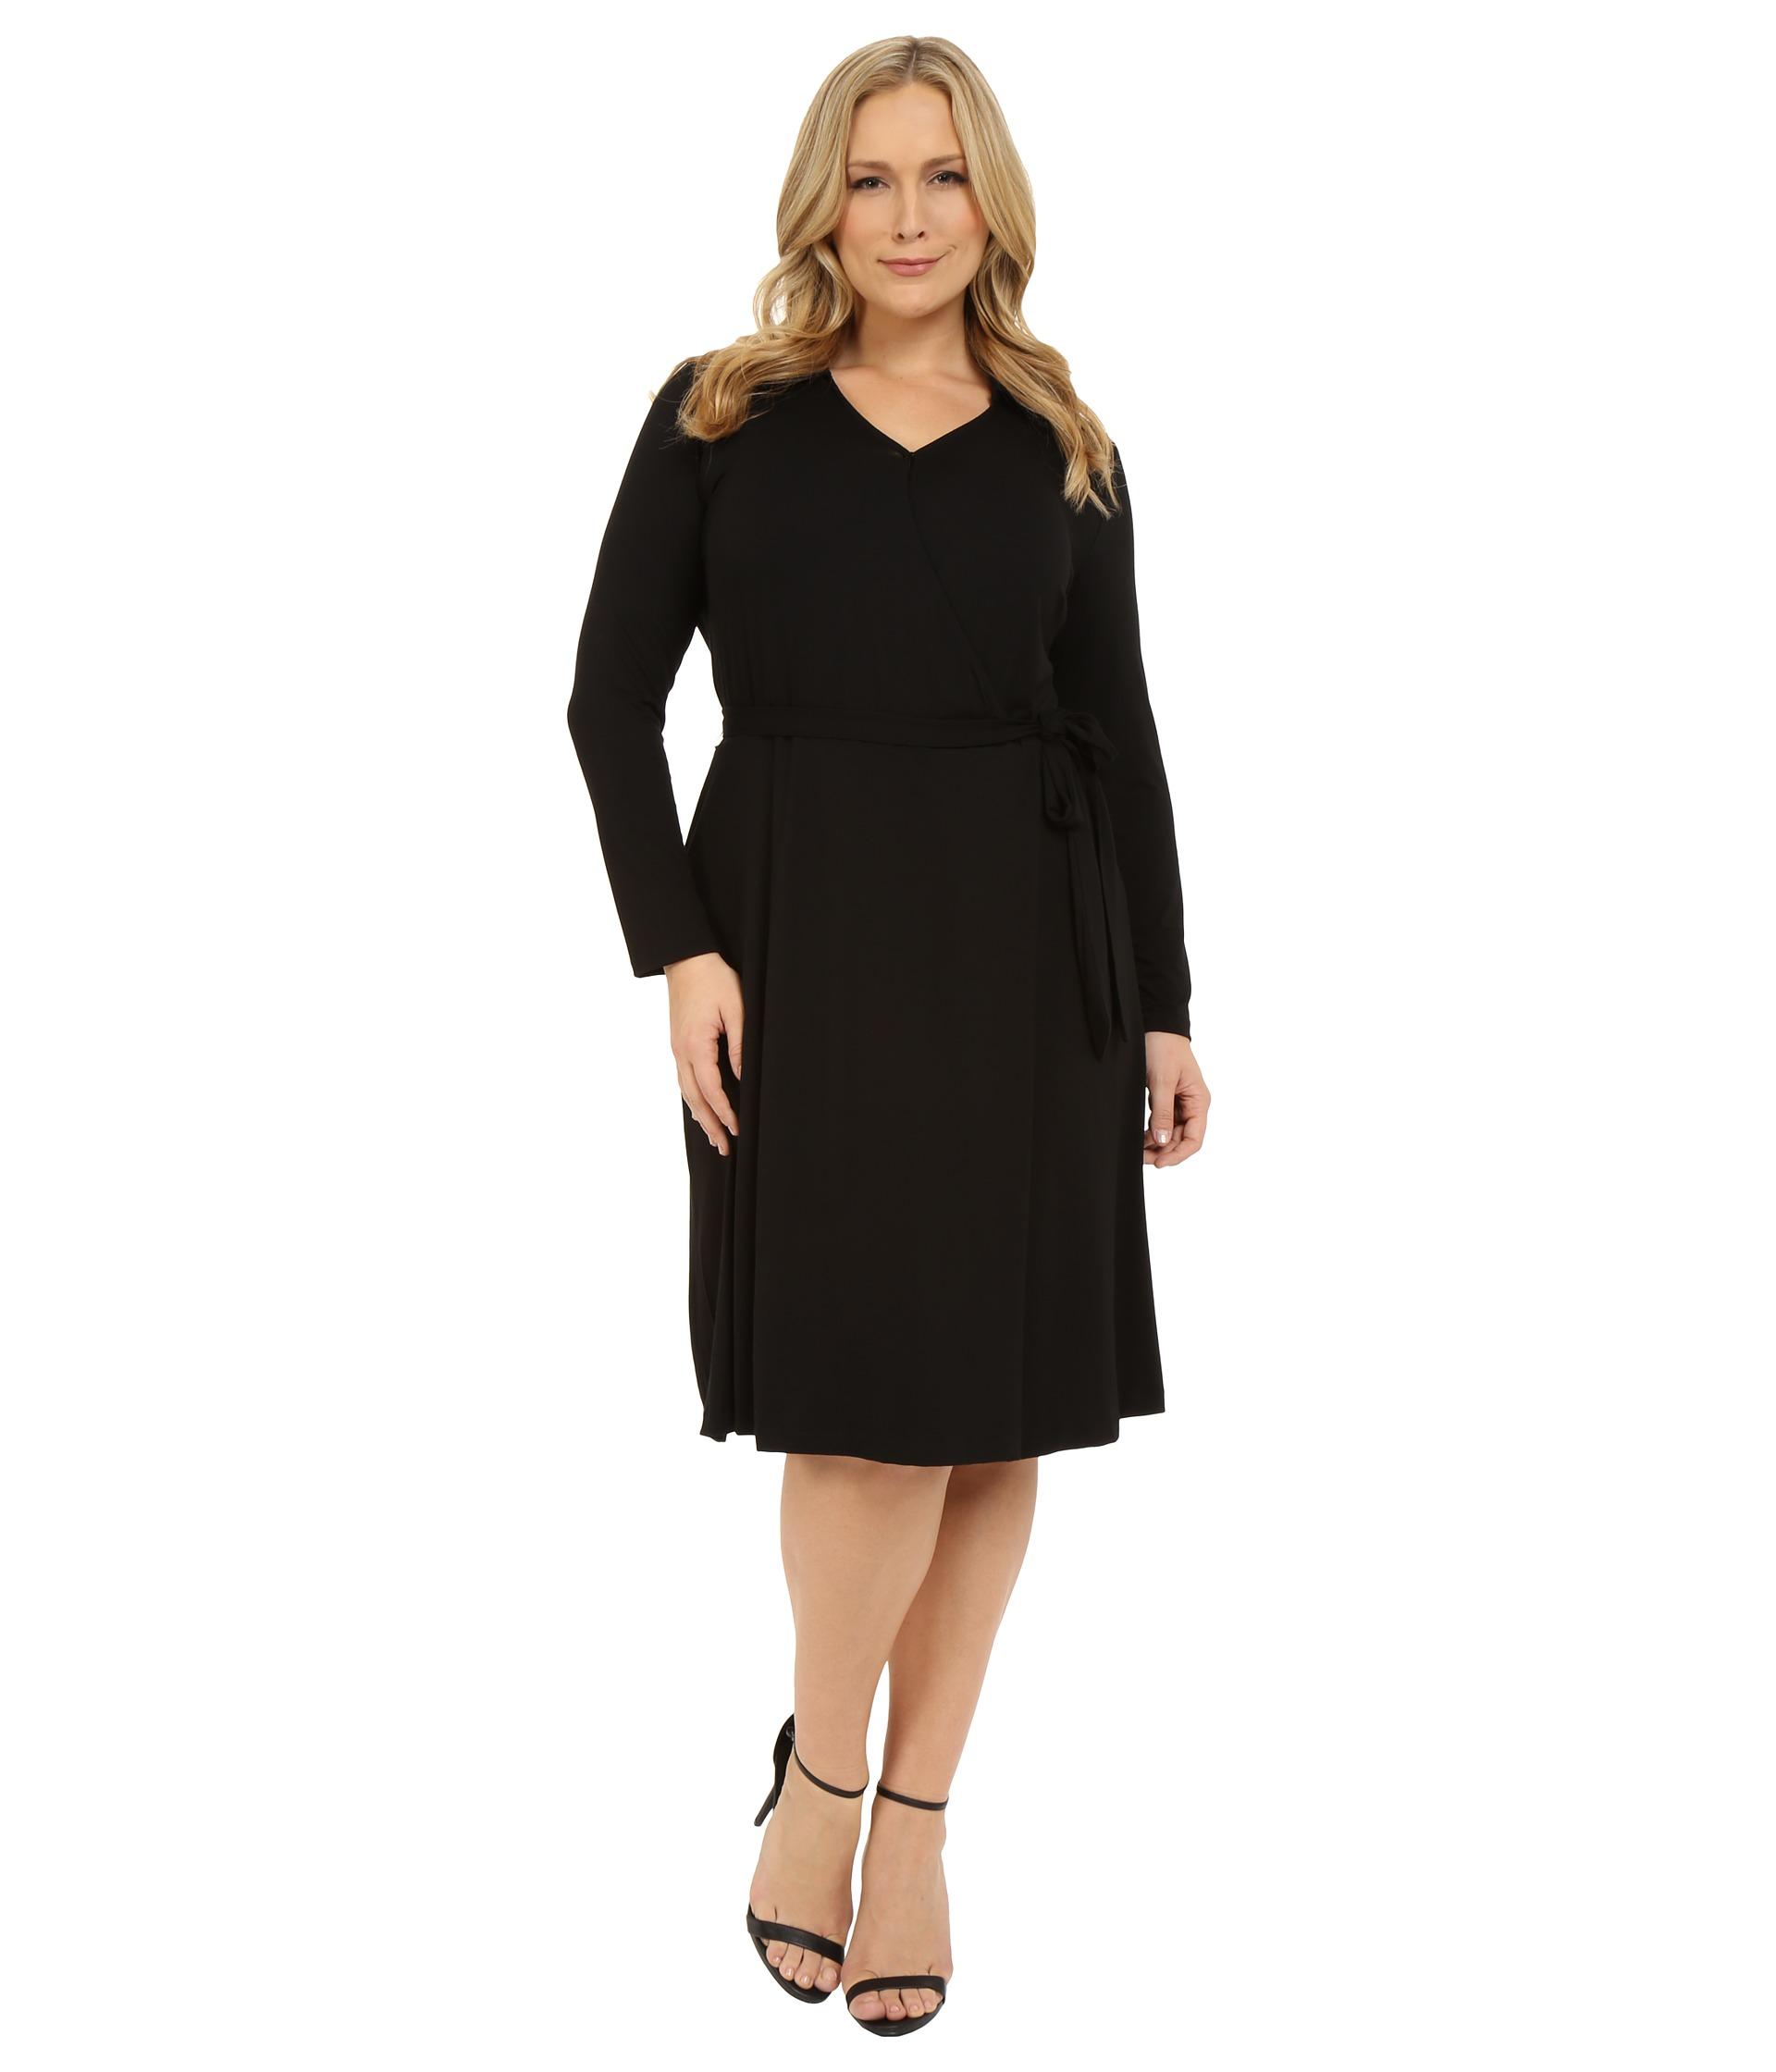 Vince Camuto Plus Plus Size 3 4 Sleeve Faux Wrap Dress